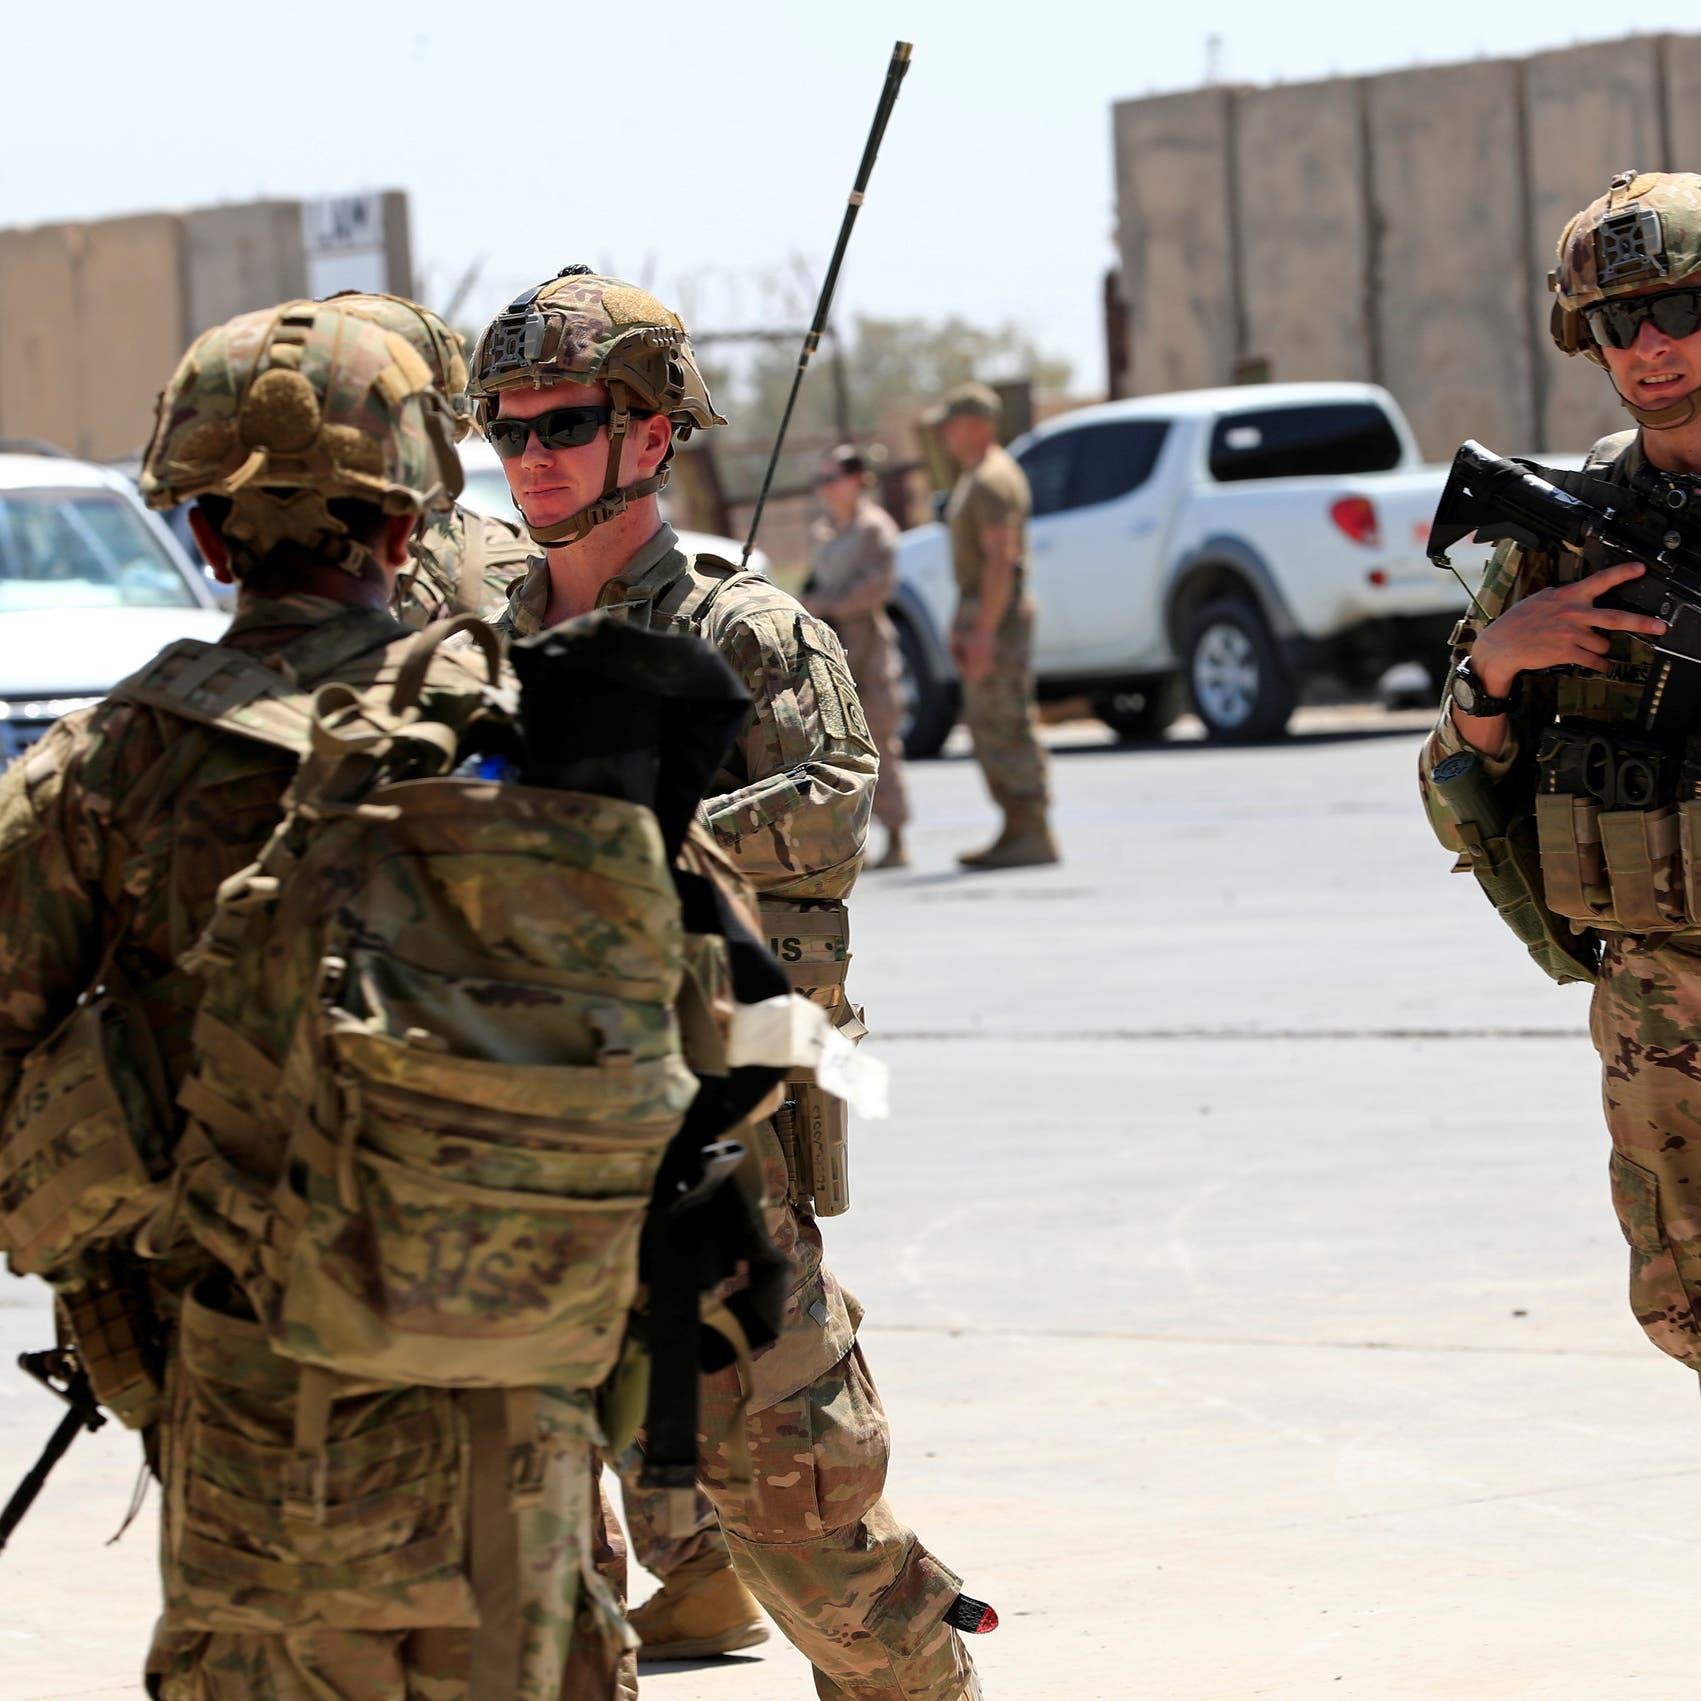 الدفاع العراقية: القوات الأجنبية في البلاد جاءت بطلبنا